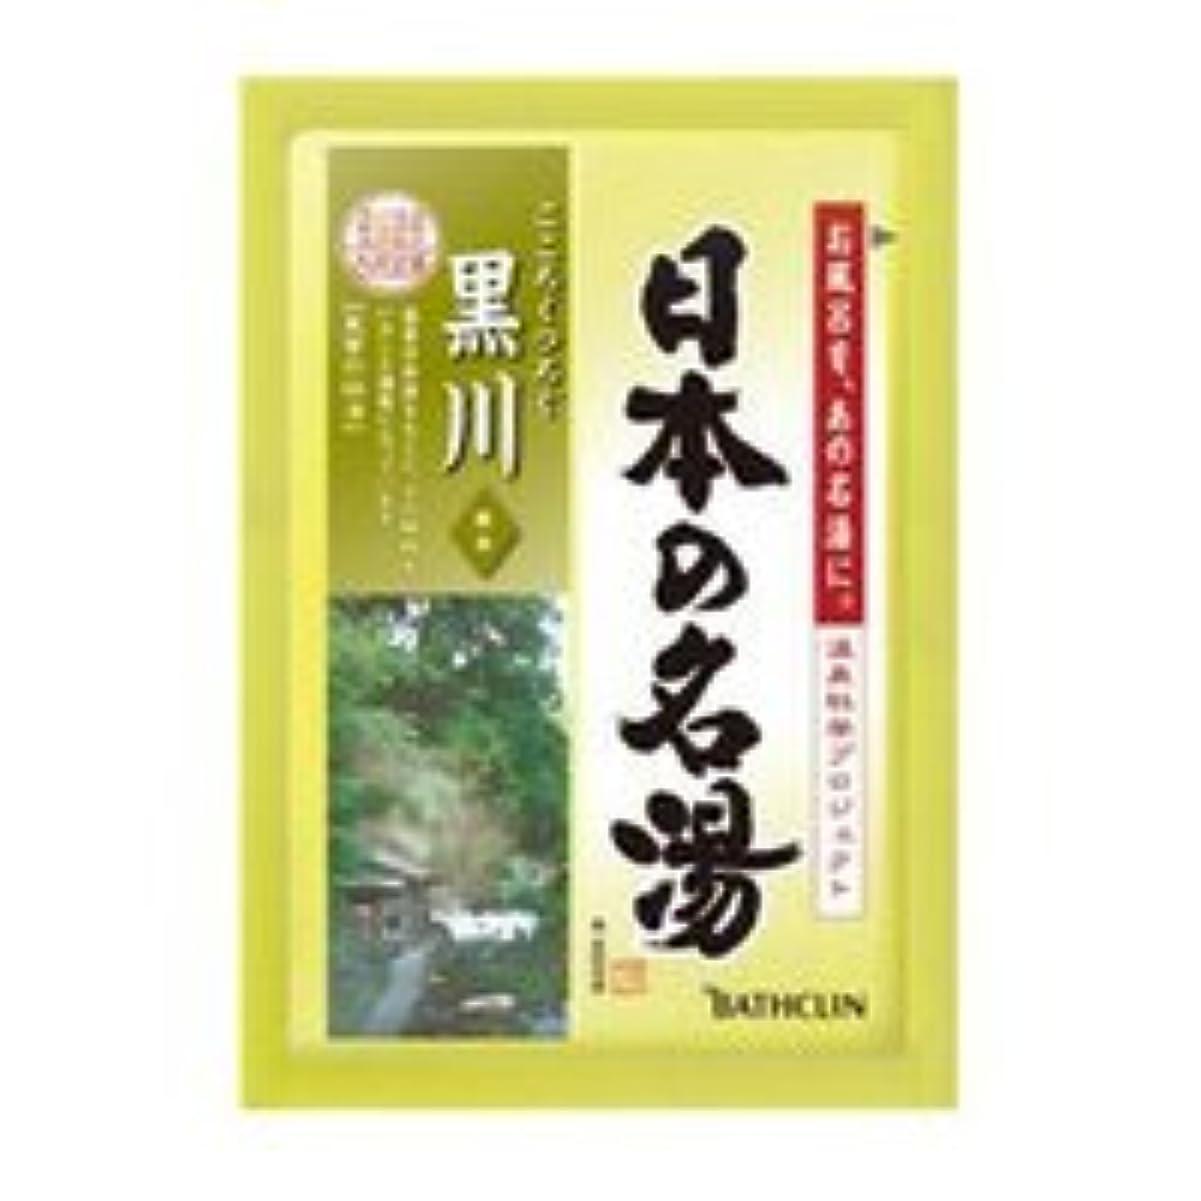 世界の窓肉の専門用語バスクリン 日本の名湯 黒川 1包 30g (温泉タイプ入浴剤)×120点セット (4548514135093)